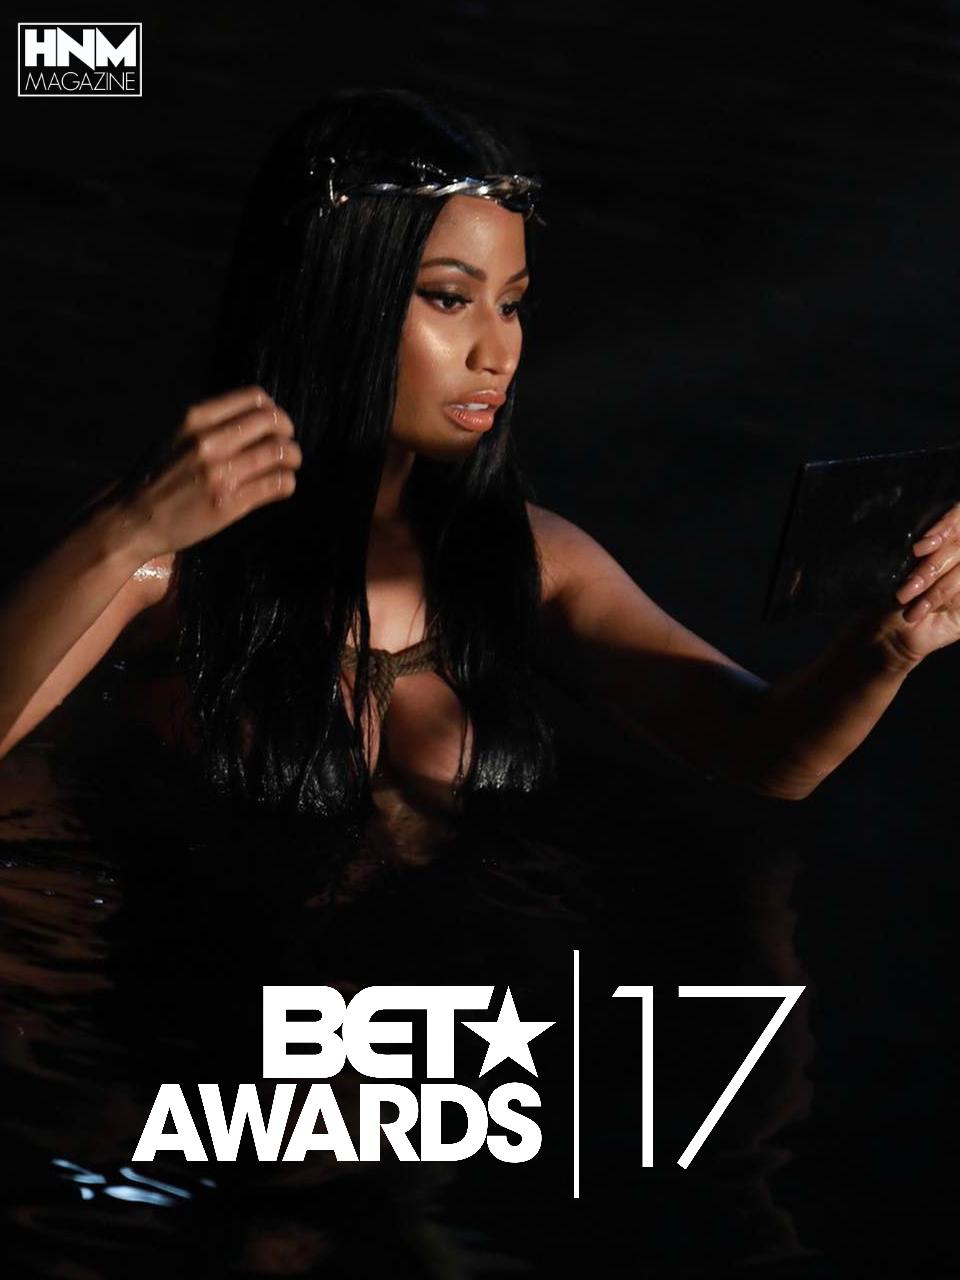 Nicki Minaj nominée pour les BET Awards 2017!